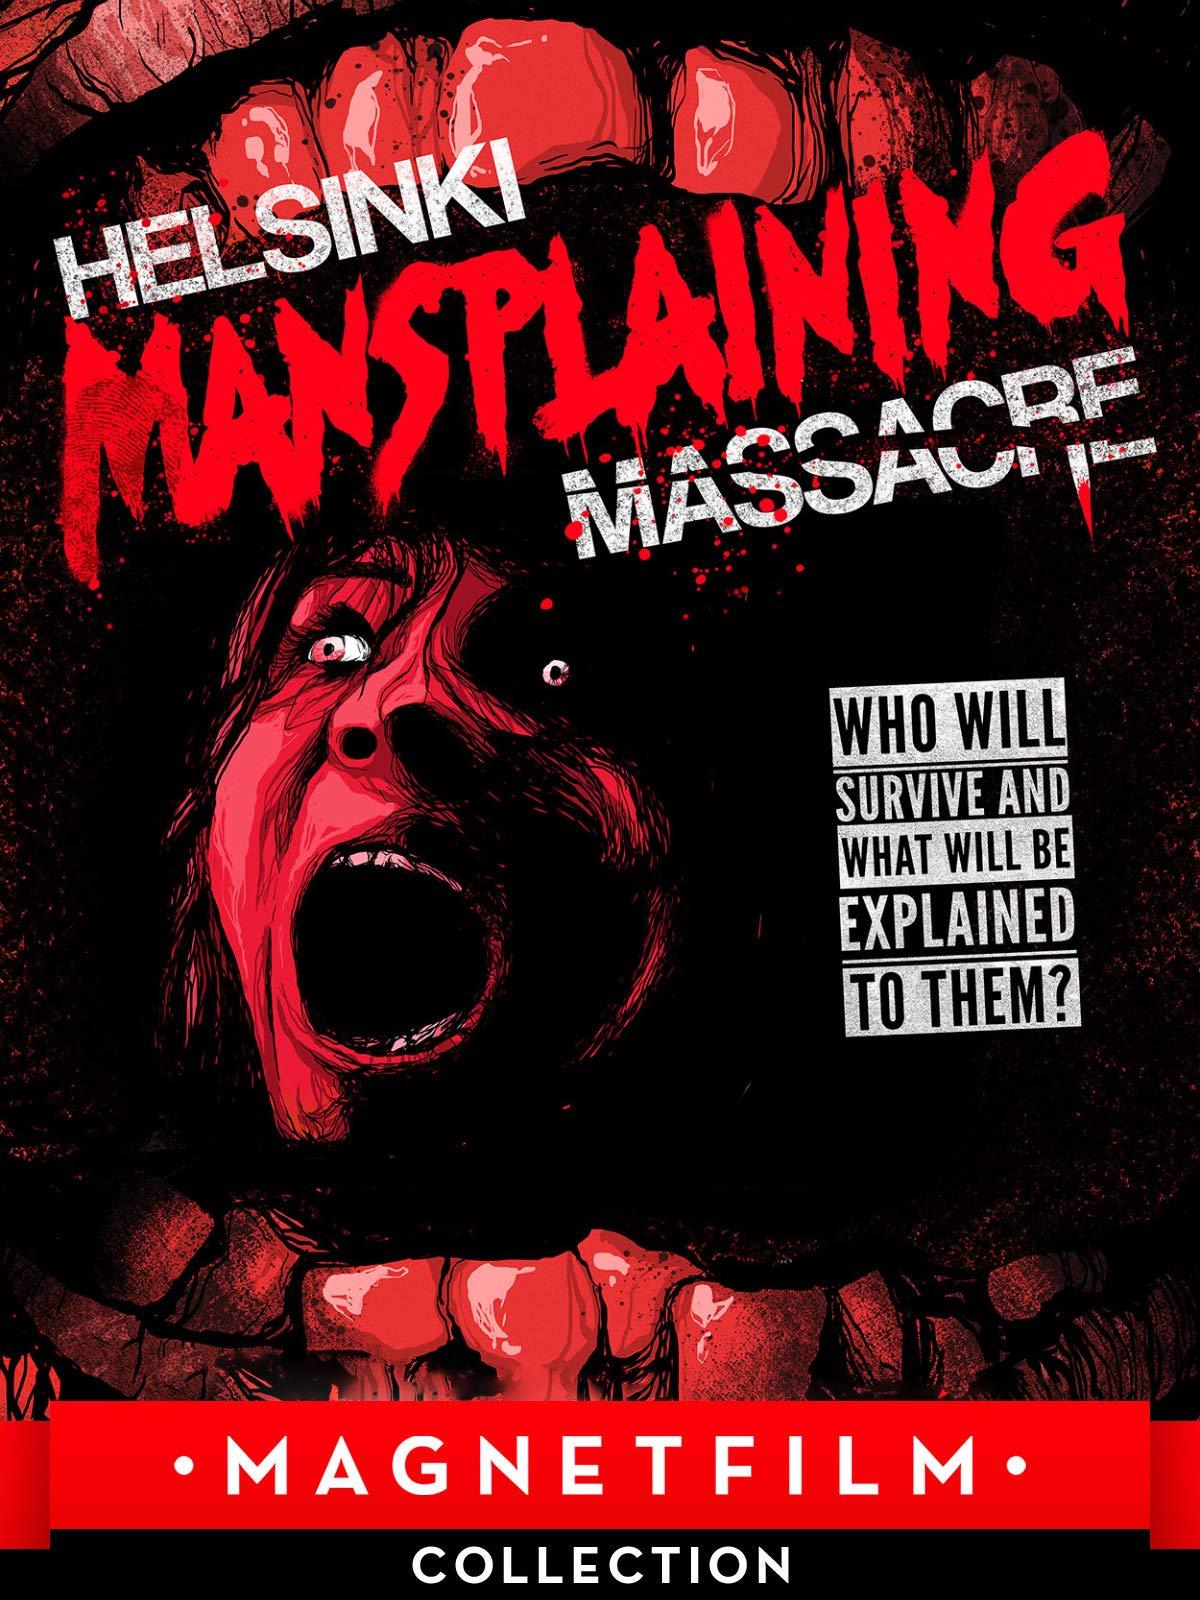 Helsinki Mansplaining Massacre on Amazon Prime Video UK